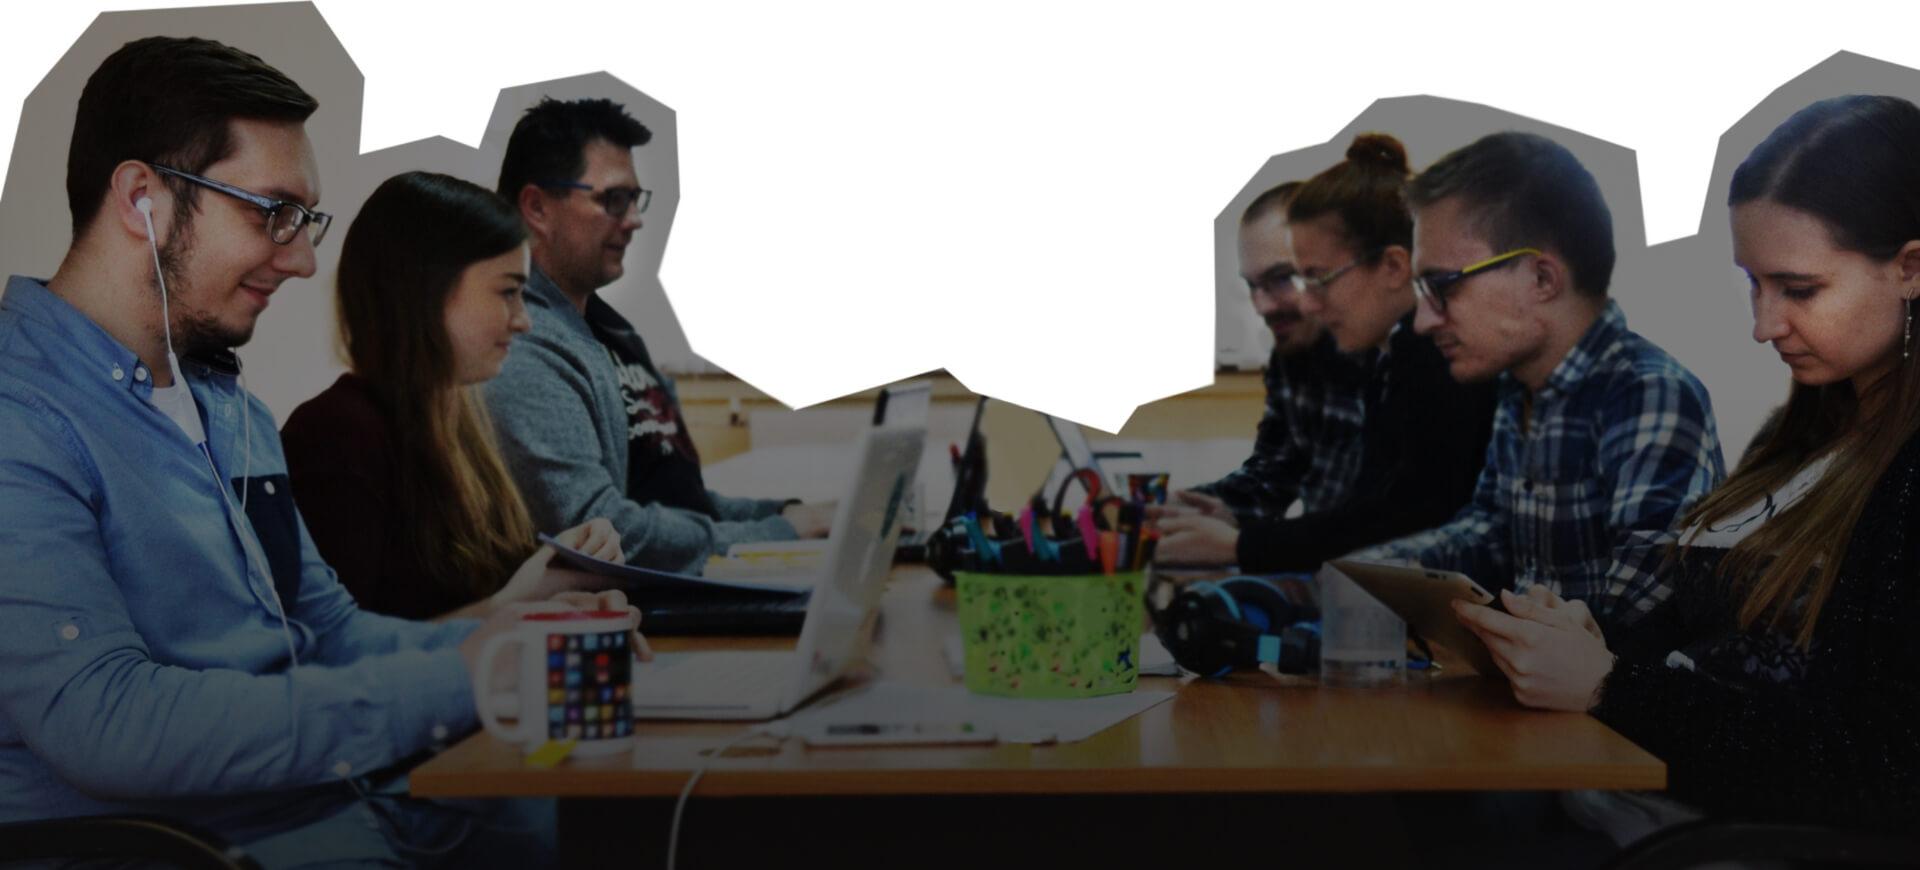 Programiści i graficy przy pracy